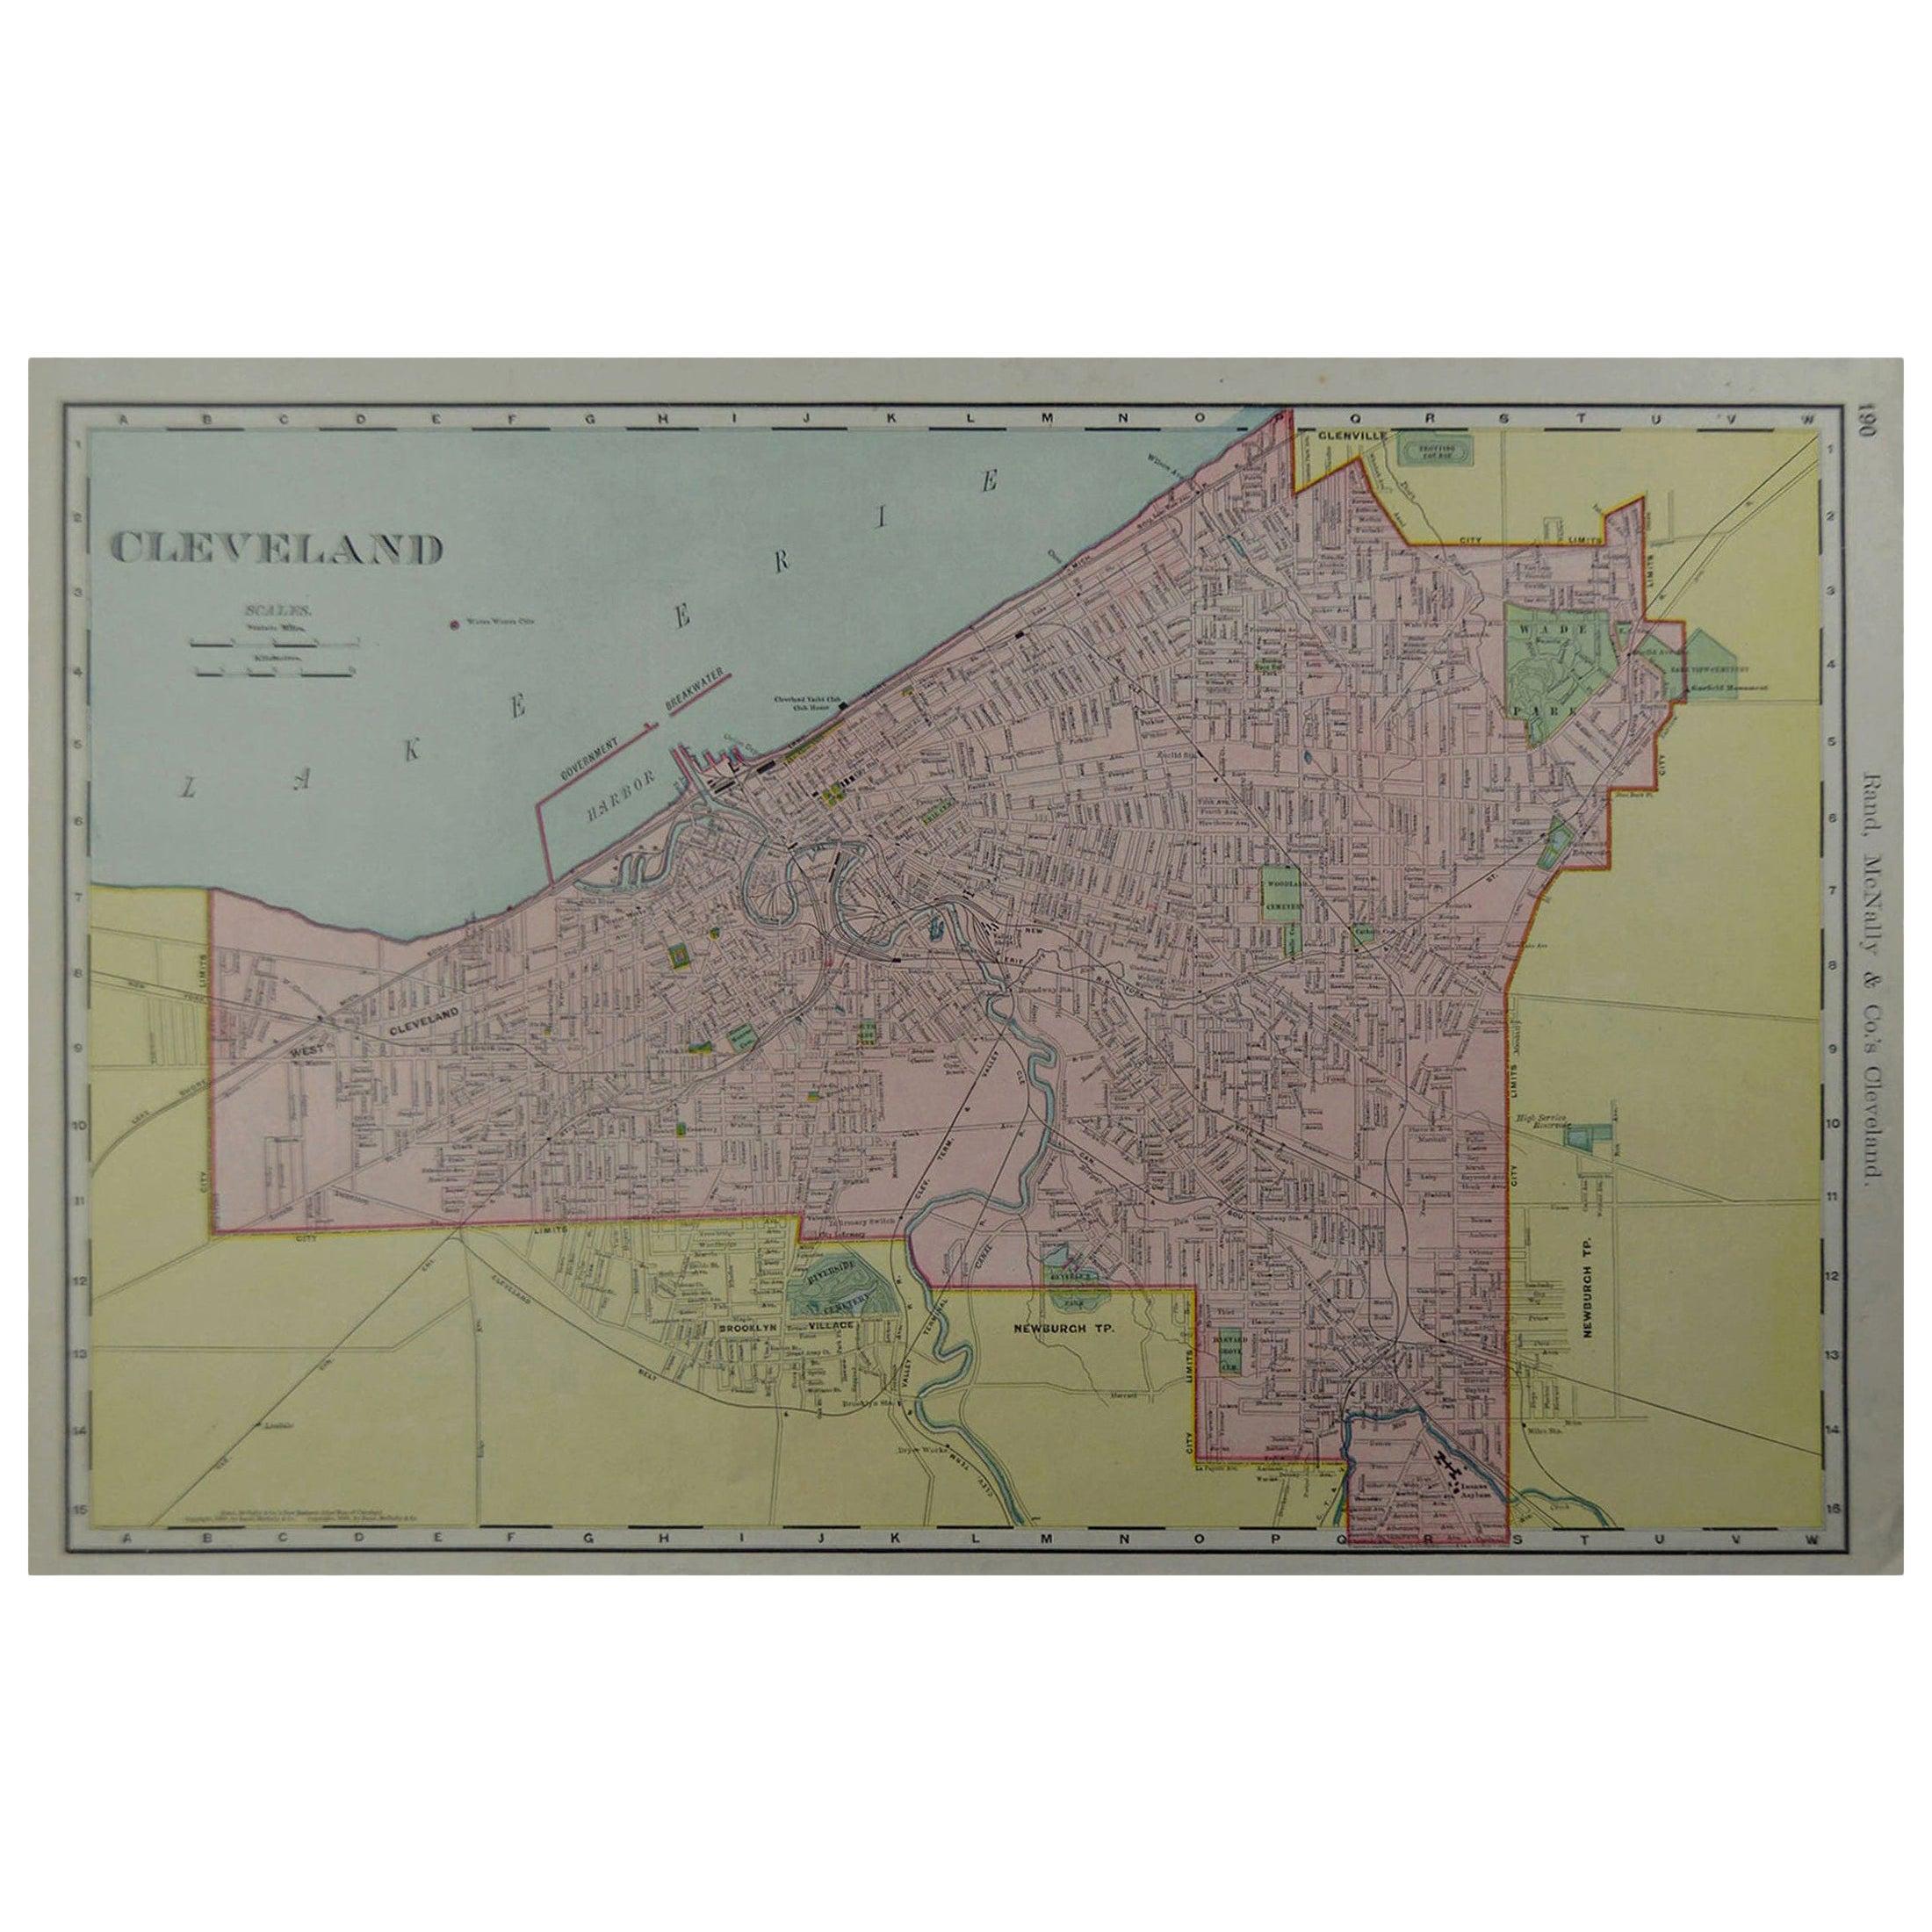 Original Antique City Plan of Cleveland, Ohio, USA, circa 1900